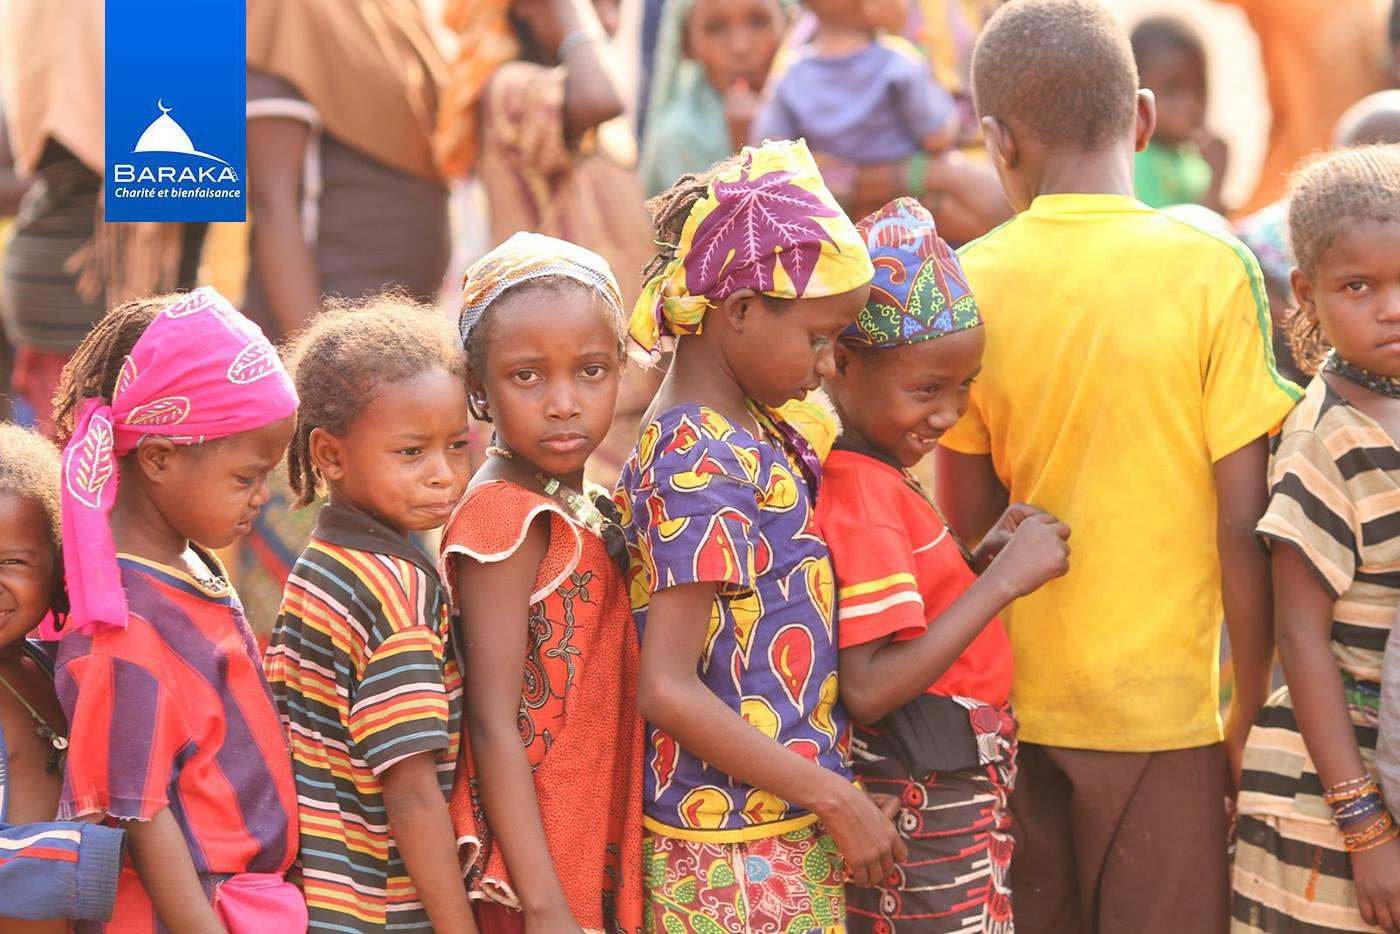 association-barakacity-campagne-exode-pour-la-republique-centrafricaine2